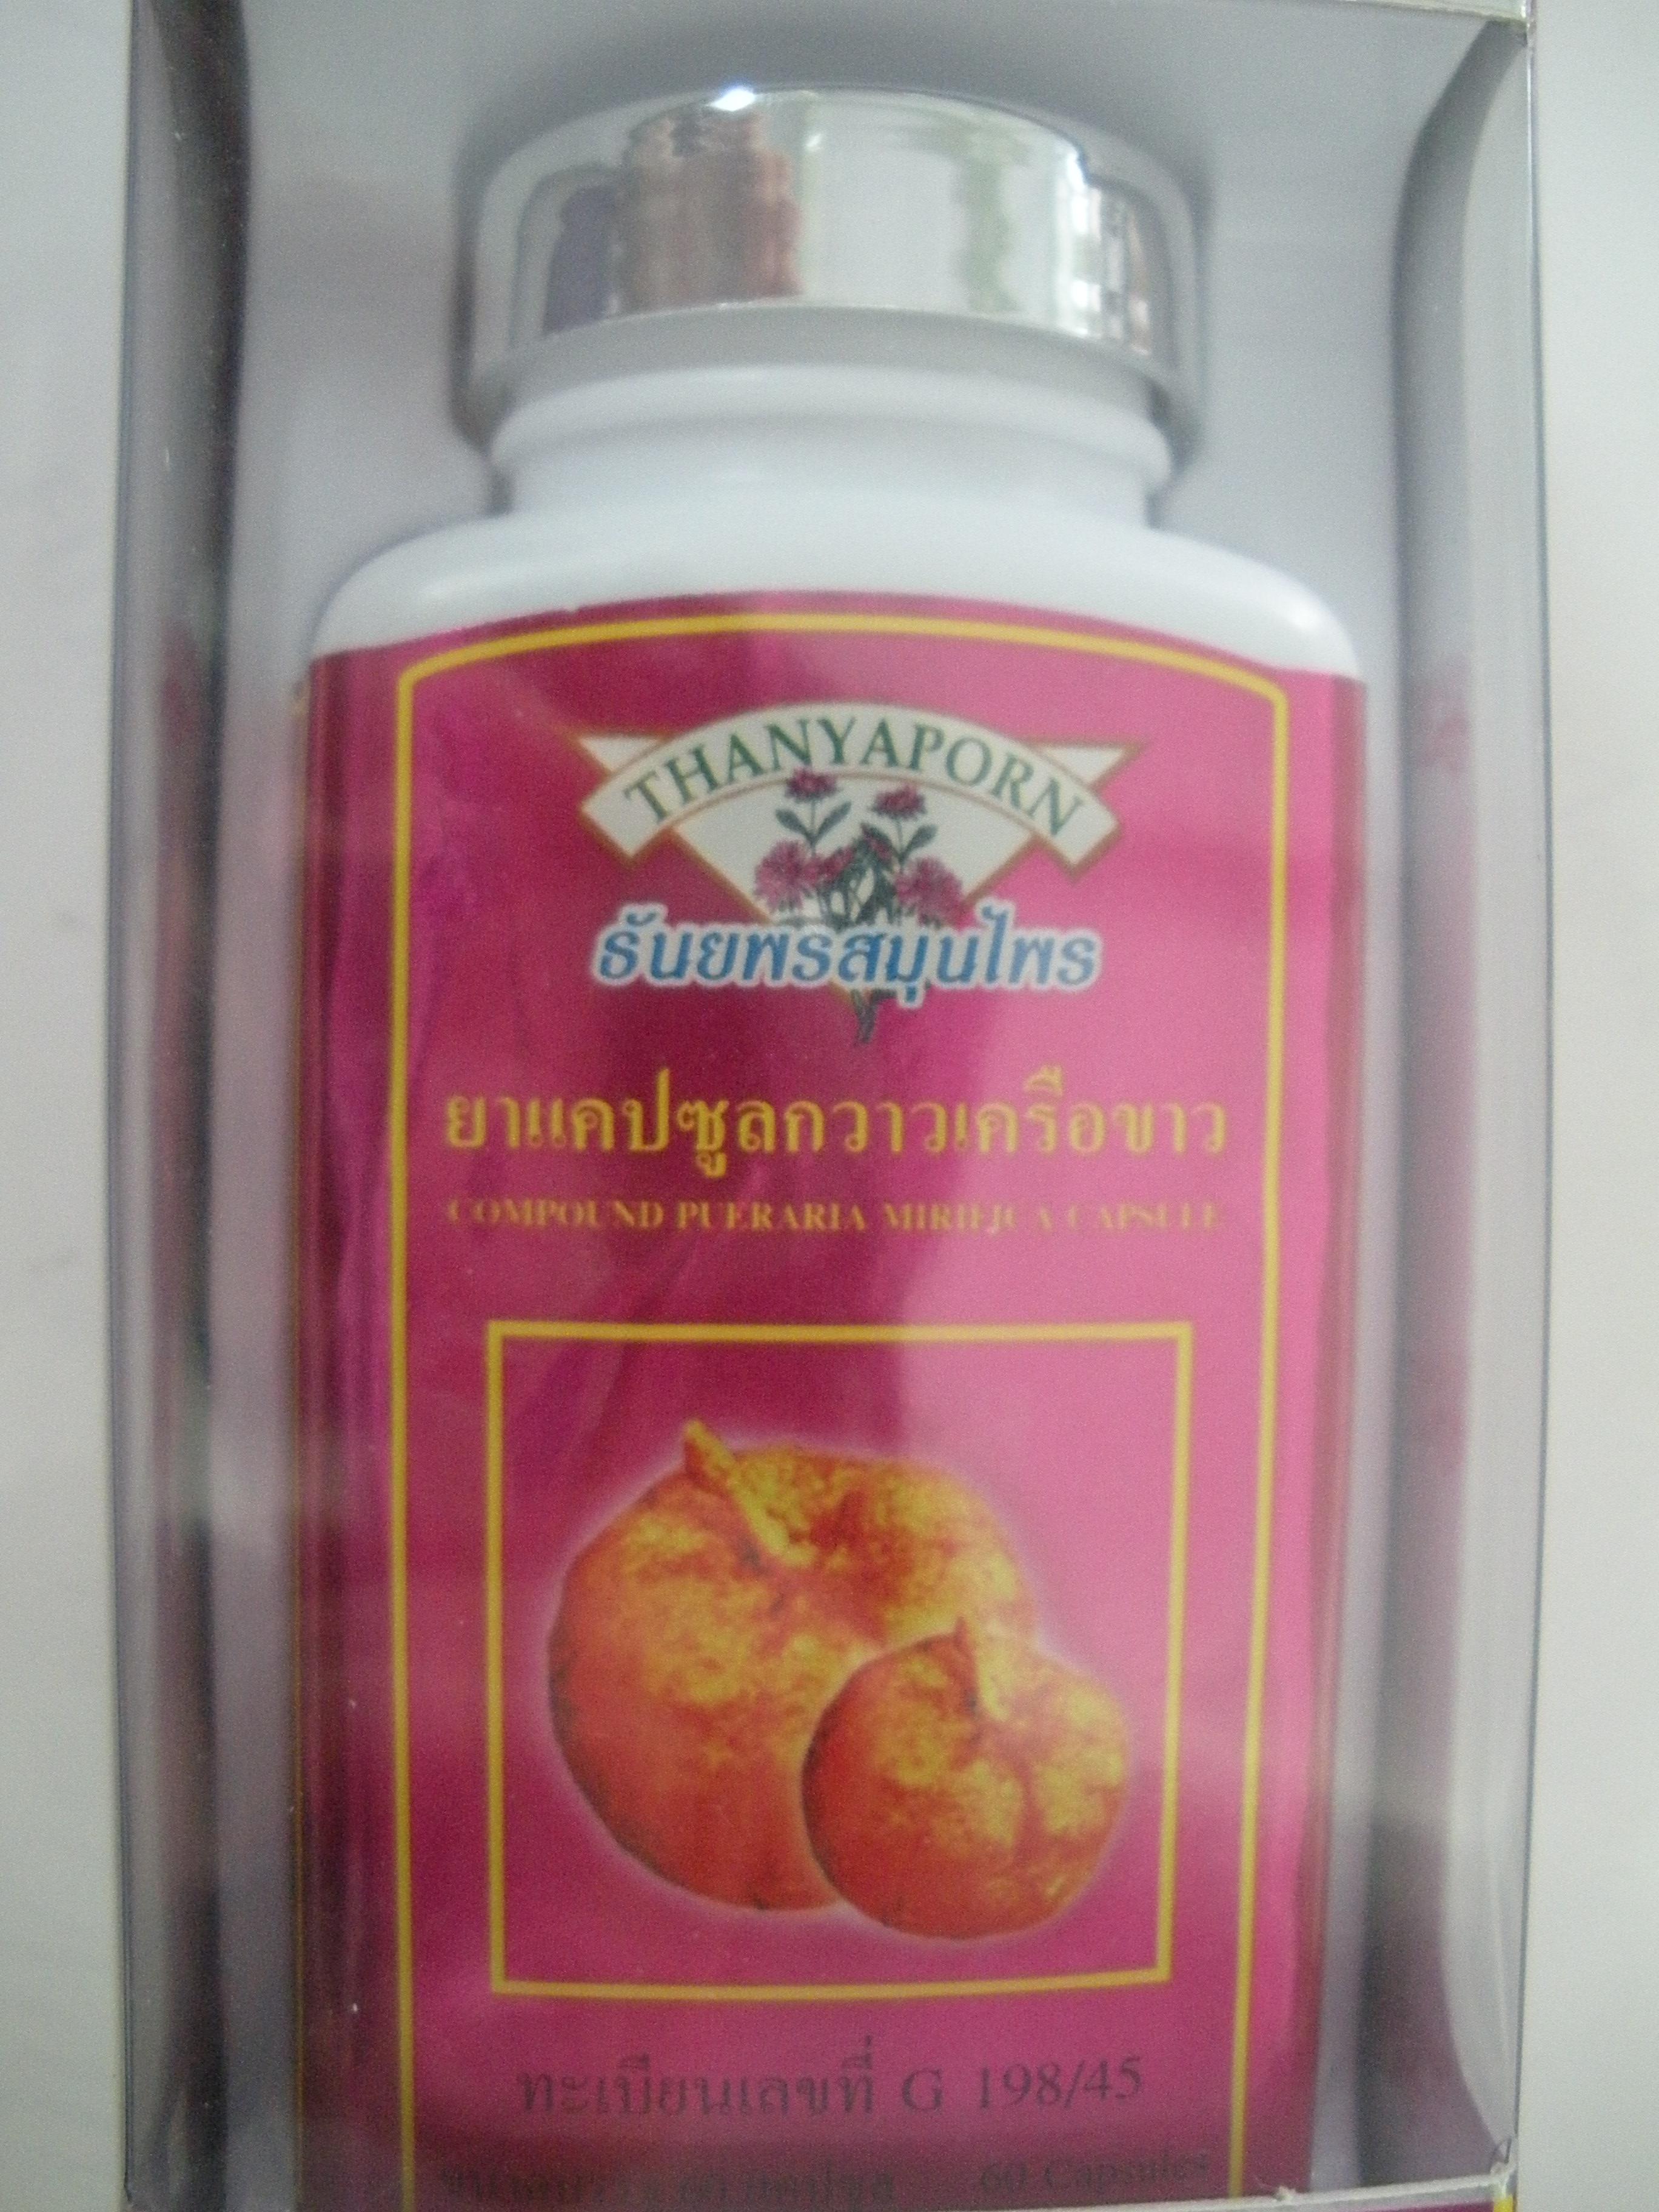 กวาวเครือขาว ธันยพร (White Kwao Krua capsules)